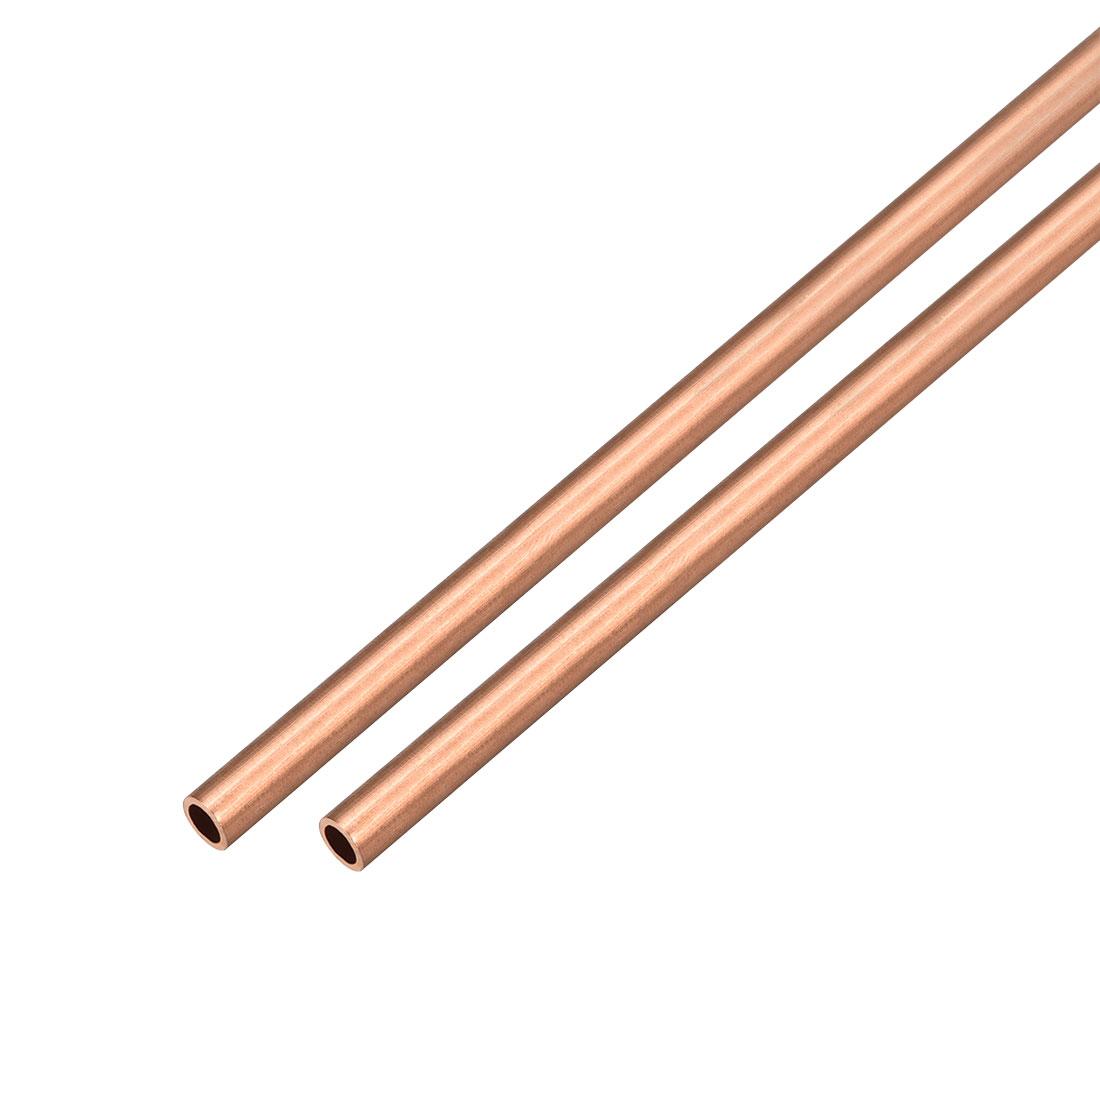 2Pcs 5mm Outside Diameter x 3mm Inside Diameter 500mm Copper Round Tube Pipe